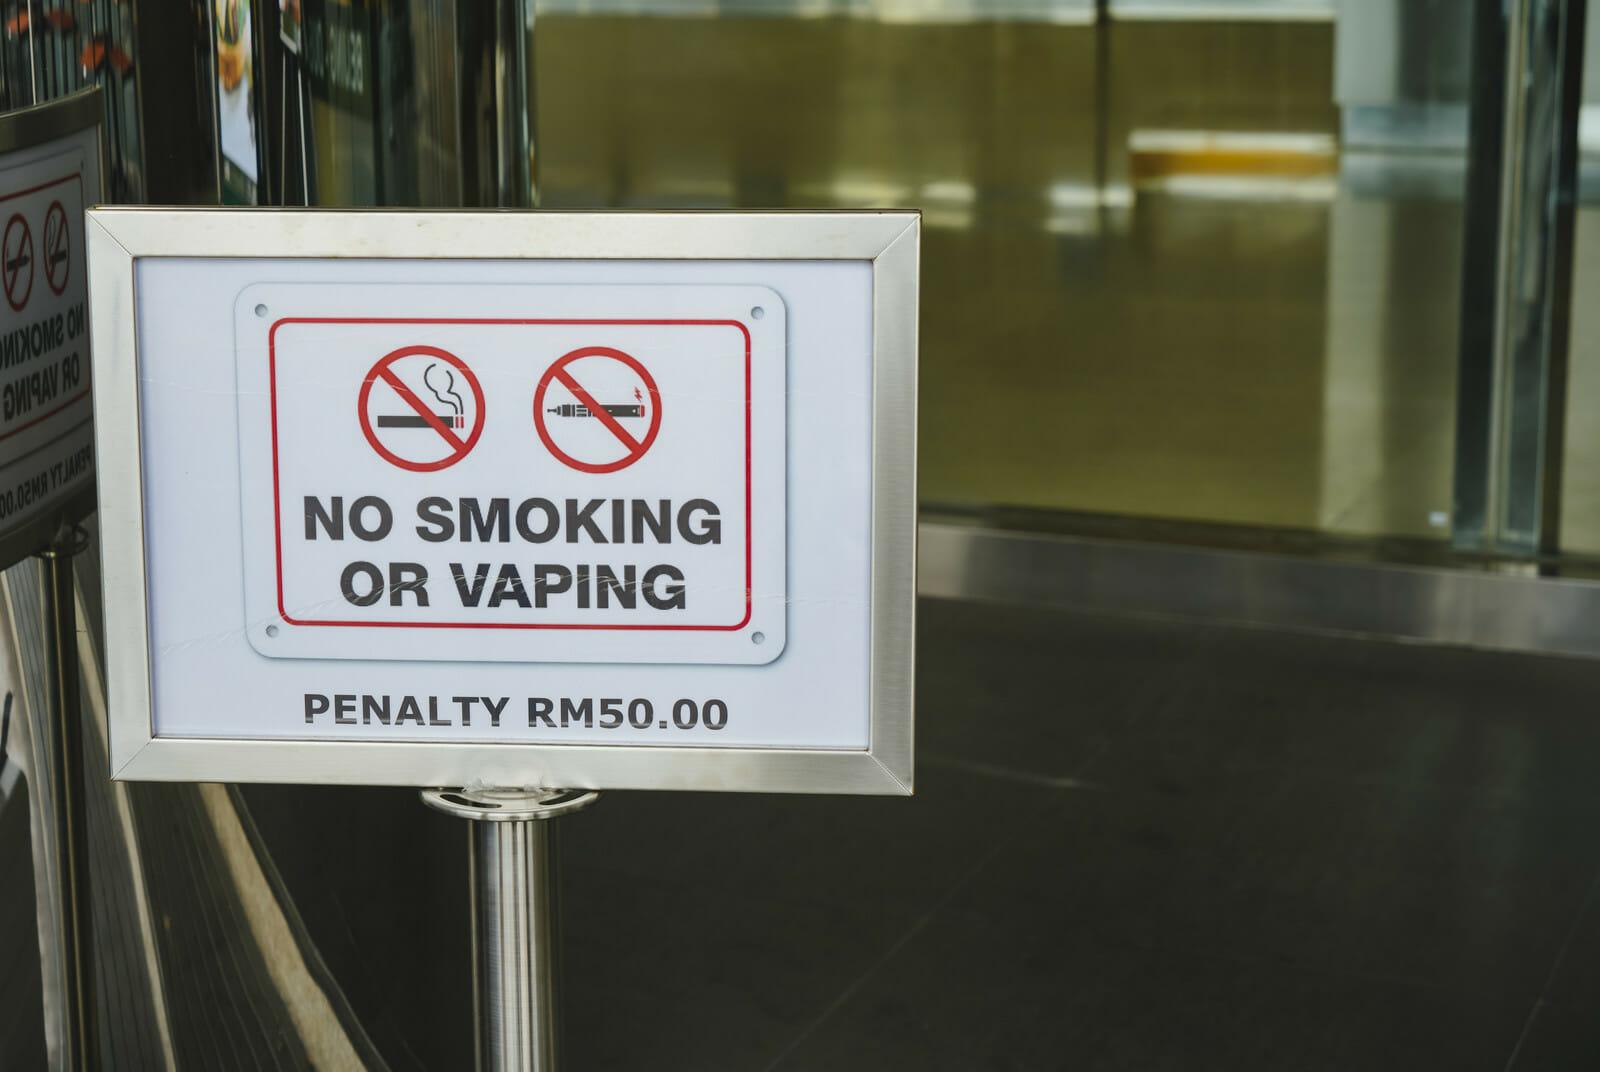 タバコもVAPE(電子たばこ)もダメ!の看板